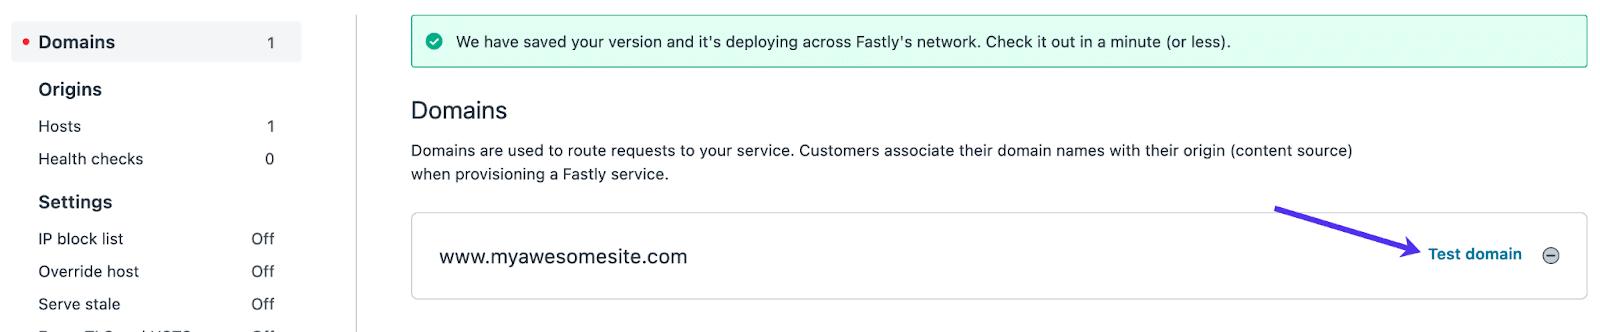 Abra el área de prueba Fastly.